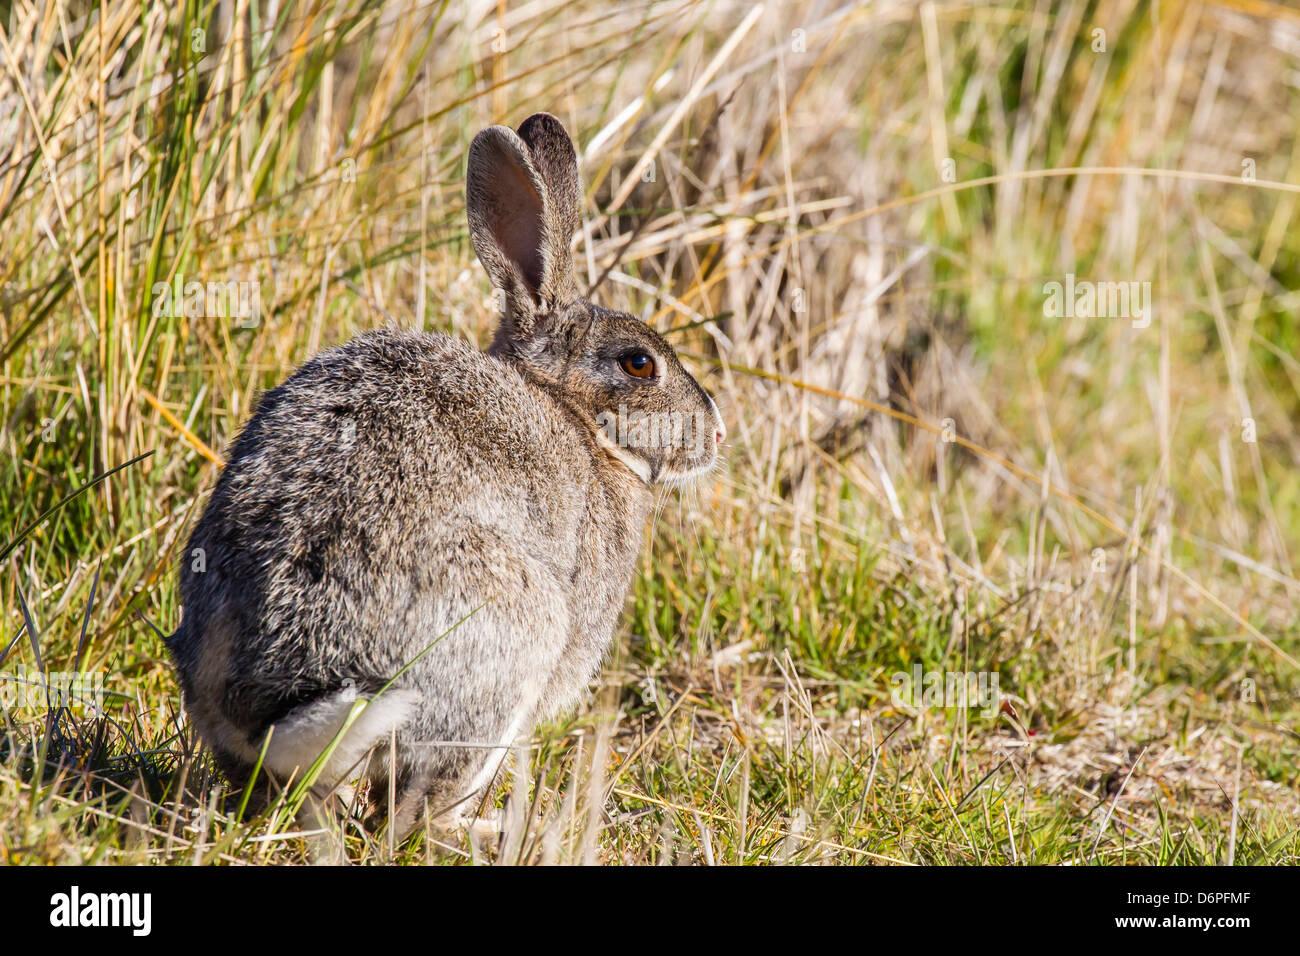 Introdotto per adulti di coniglio europeo (oryctolagus cuniculus), nuova isola, Falklands, Sud Atlantico, Sud America Immagini Stock